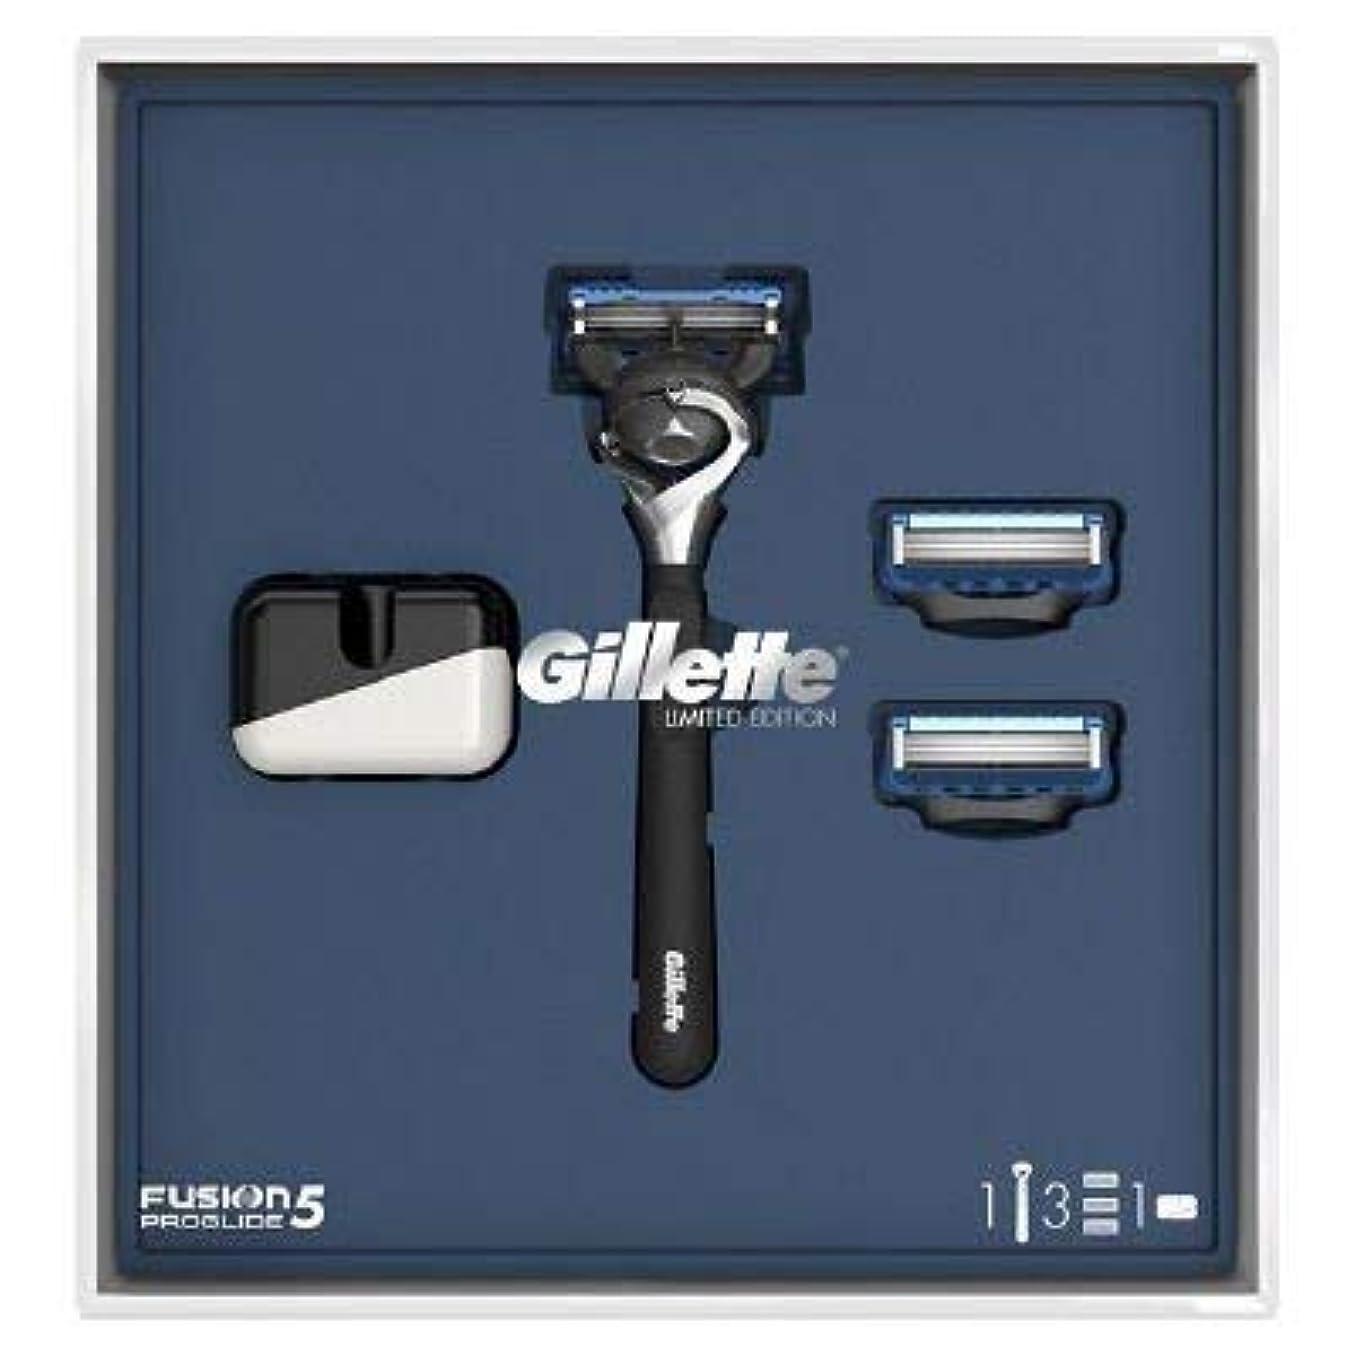 侵略サルベージ新年(ジレット)Gilette プログライド 髭剃り本体+替刃3個 オリジナルスタンド付き スペシャルパッケージ P&G